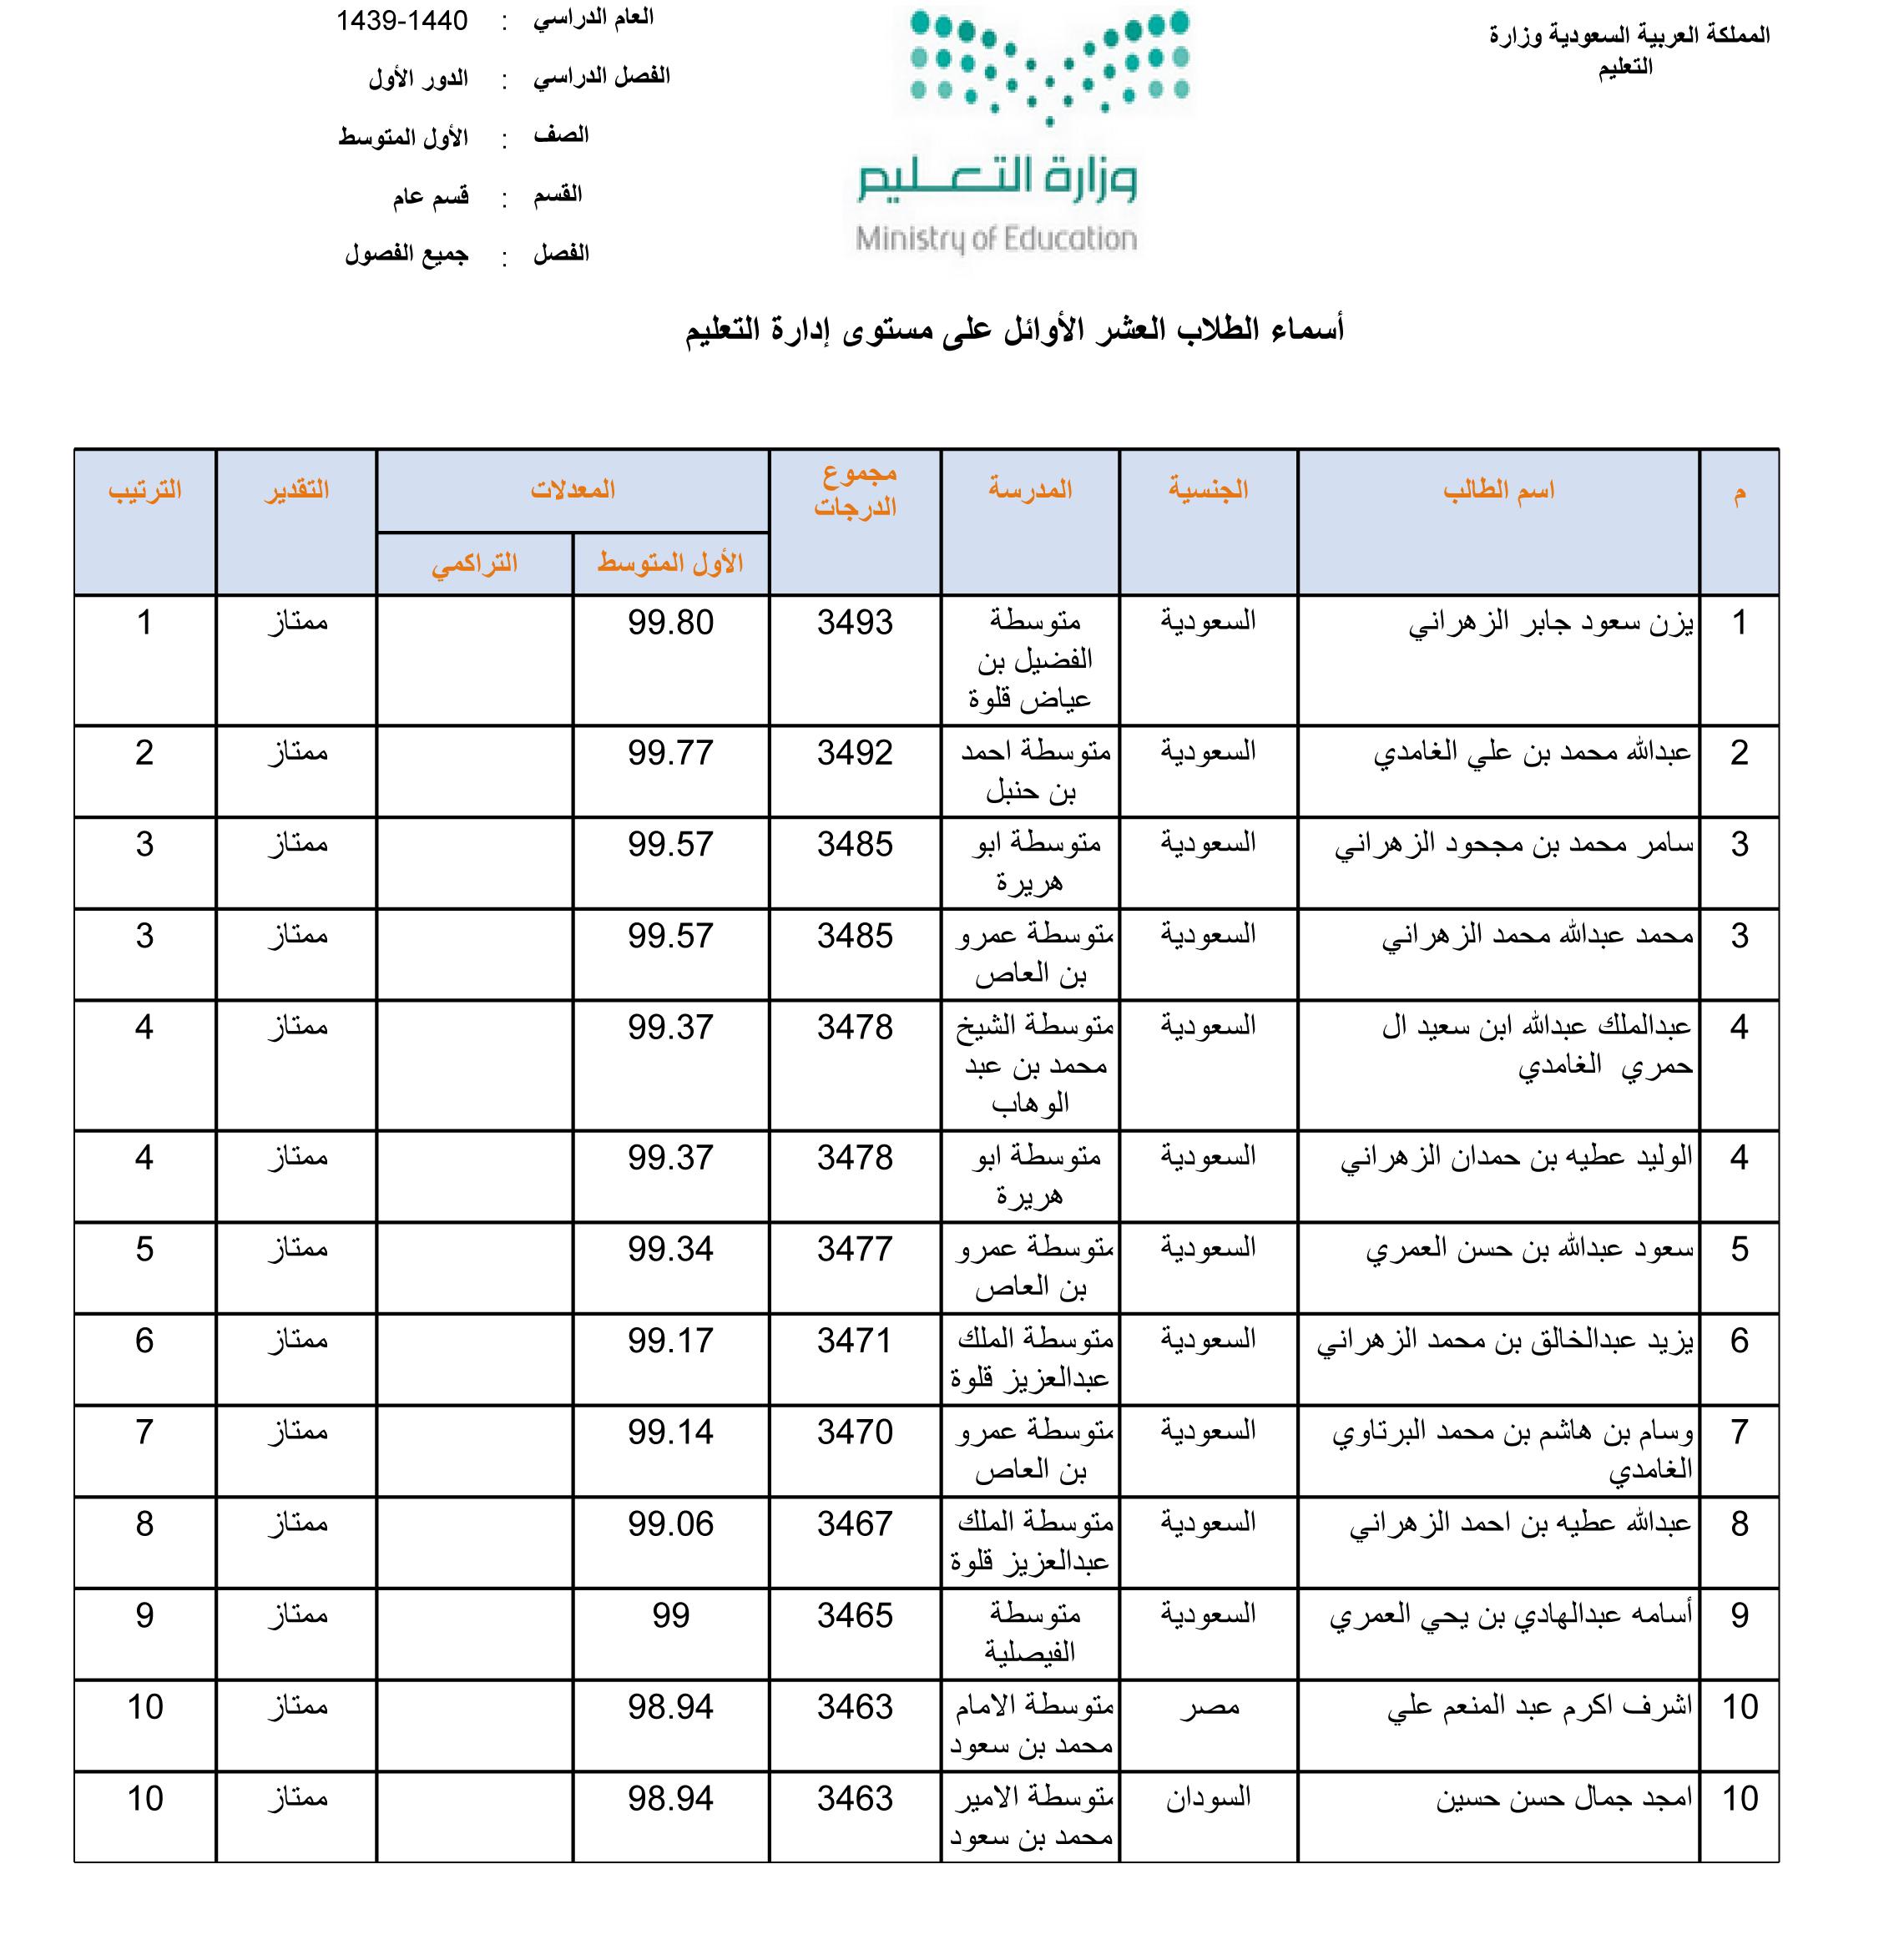 أسماء العشر الأوائل على مستوى إدارة التعليم في المرحلة المتوسطة بنين